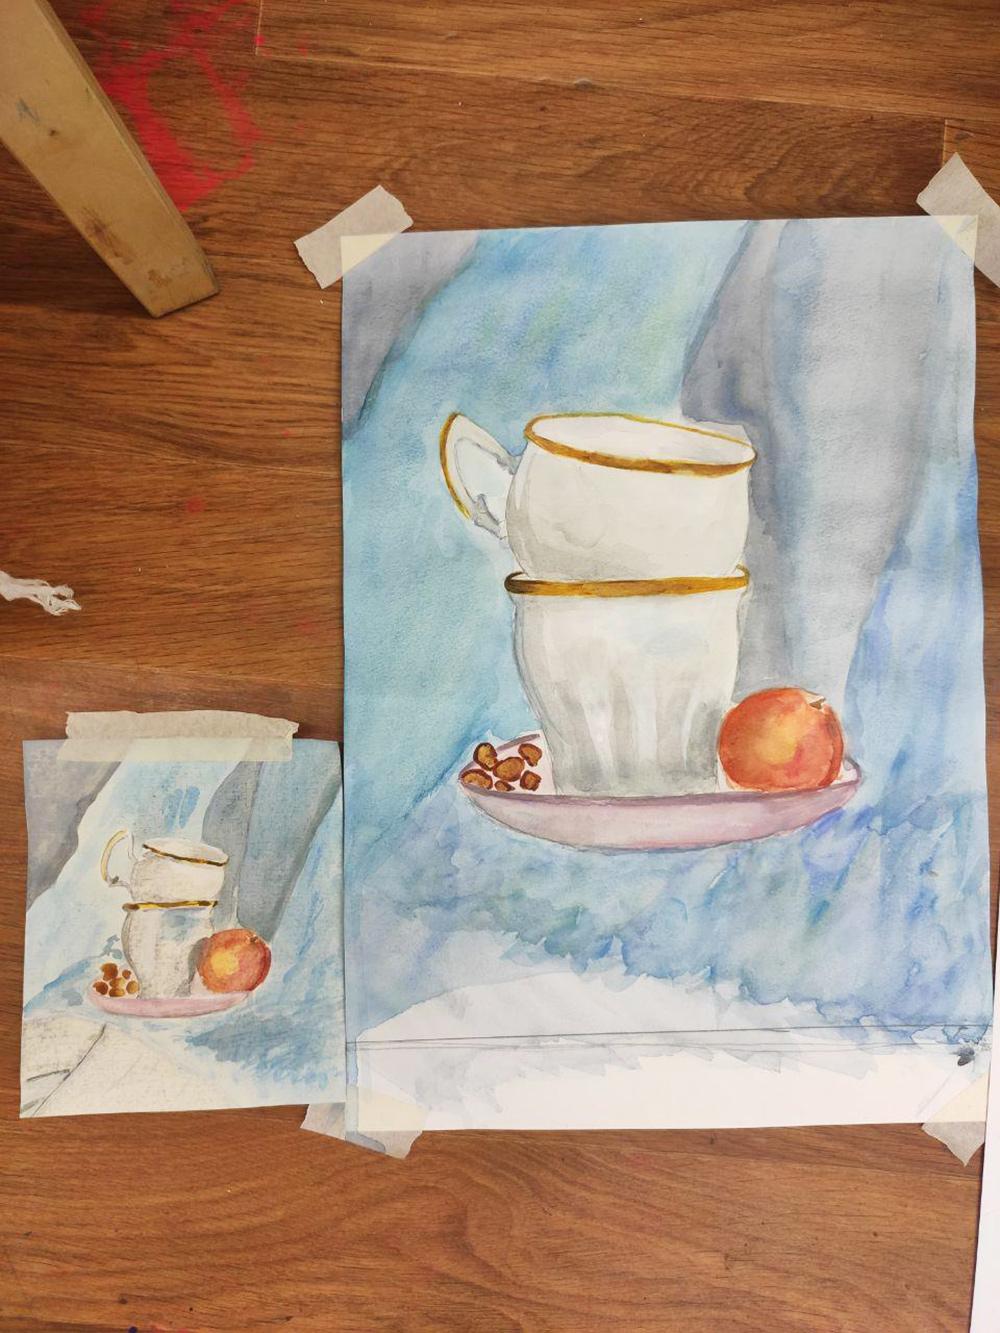 Про художественную школу отдельно писать не стала, просто прикладываю фотографии для отчета